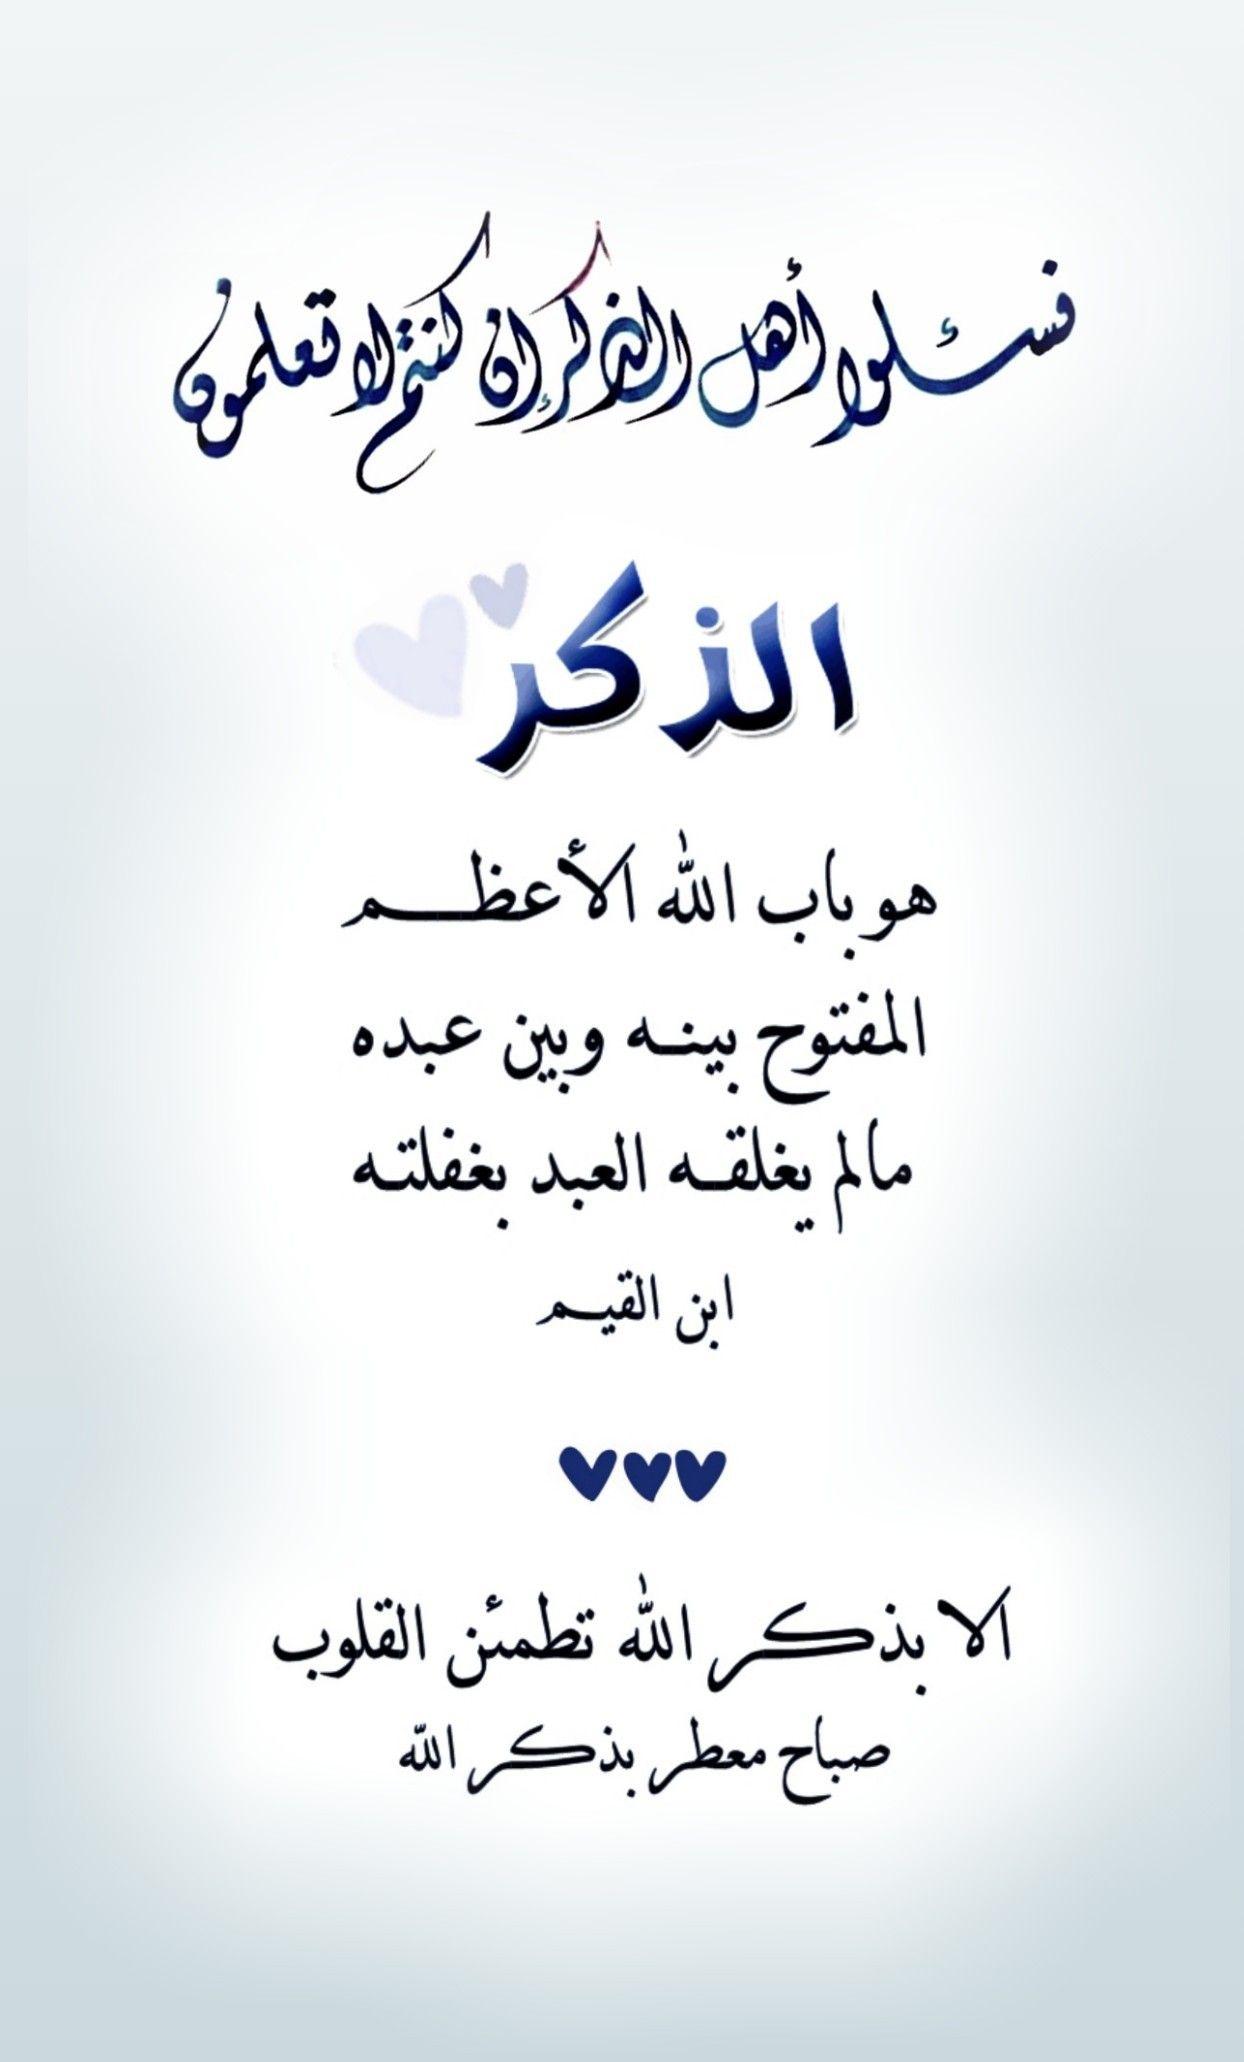 فسئلوا أهل الذكر إن كنتم لاتعلمون الذكـــر هو باب الله الأعظــــم المفتوح بينــه وبين عبده مالم يغلقــه Good Morning Arabic Islamic Quotes Morning Greeting